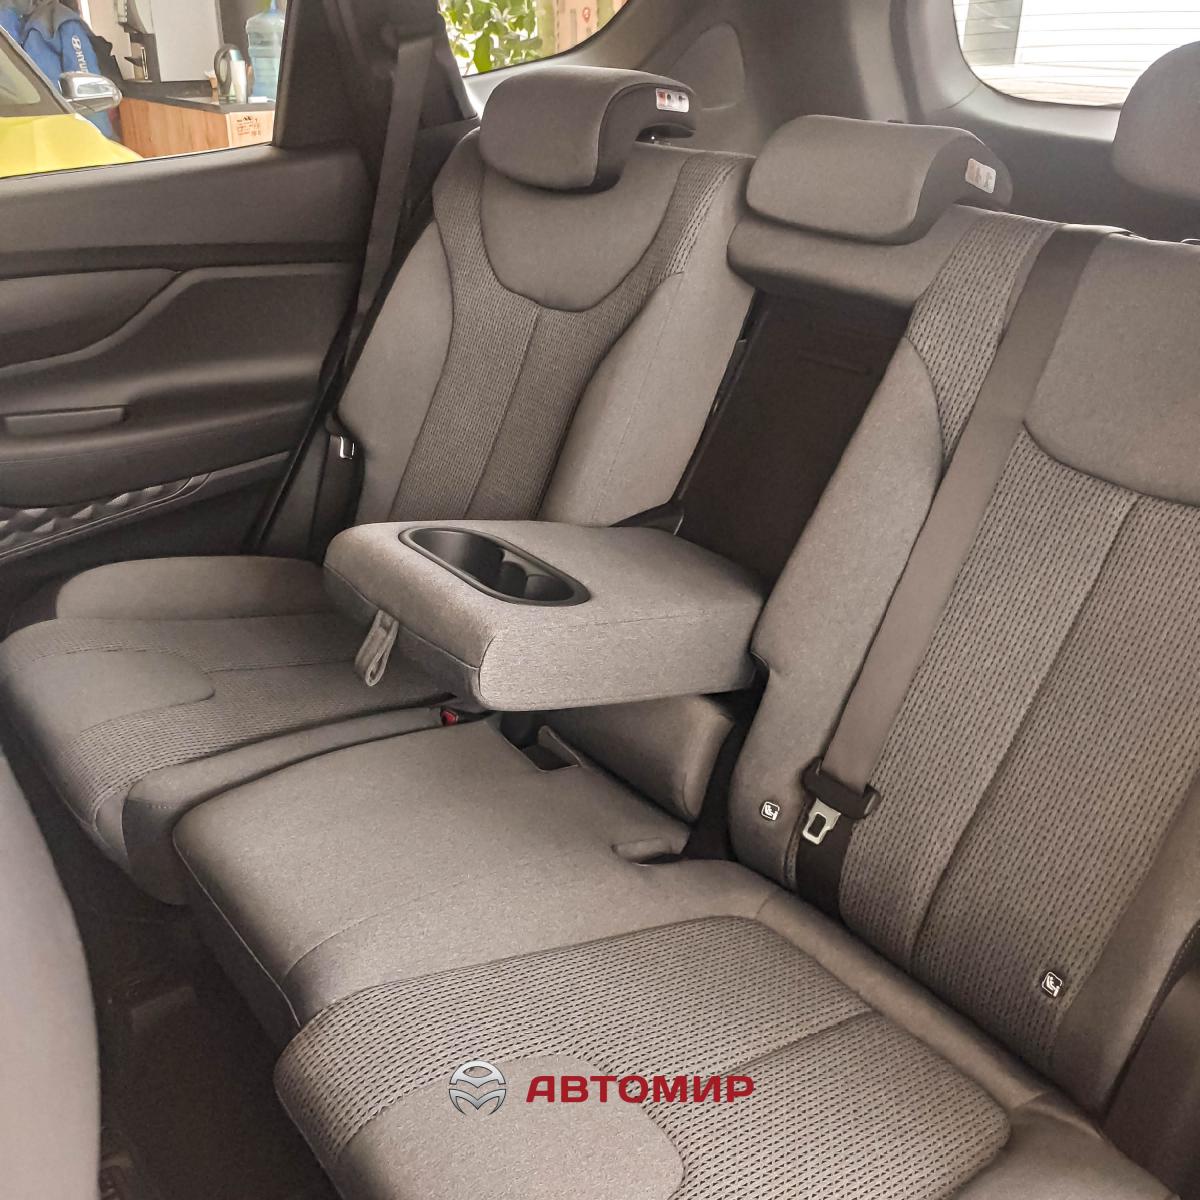 Теплі функції автомобілів Hyundai   Івано-Франківськ - фото 9